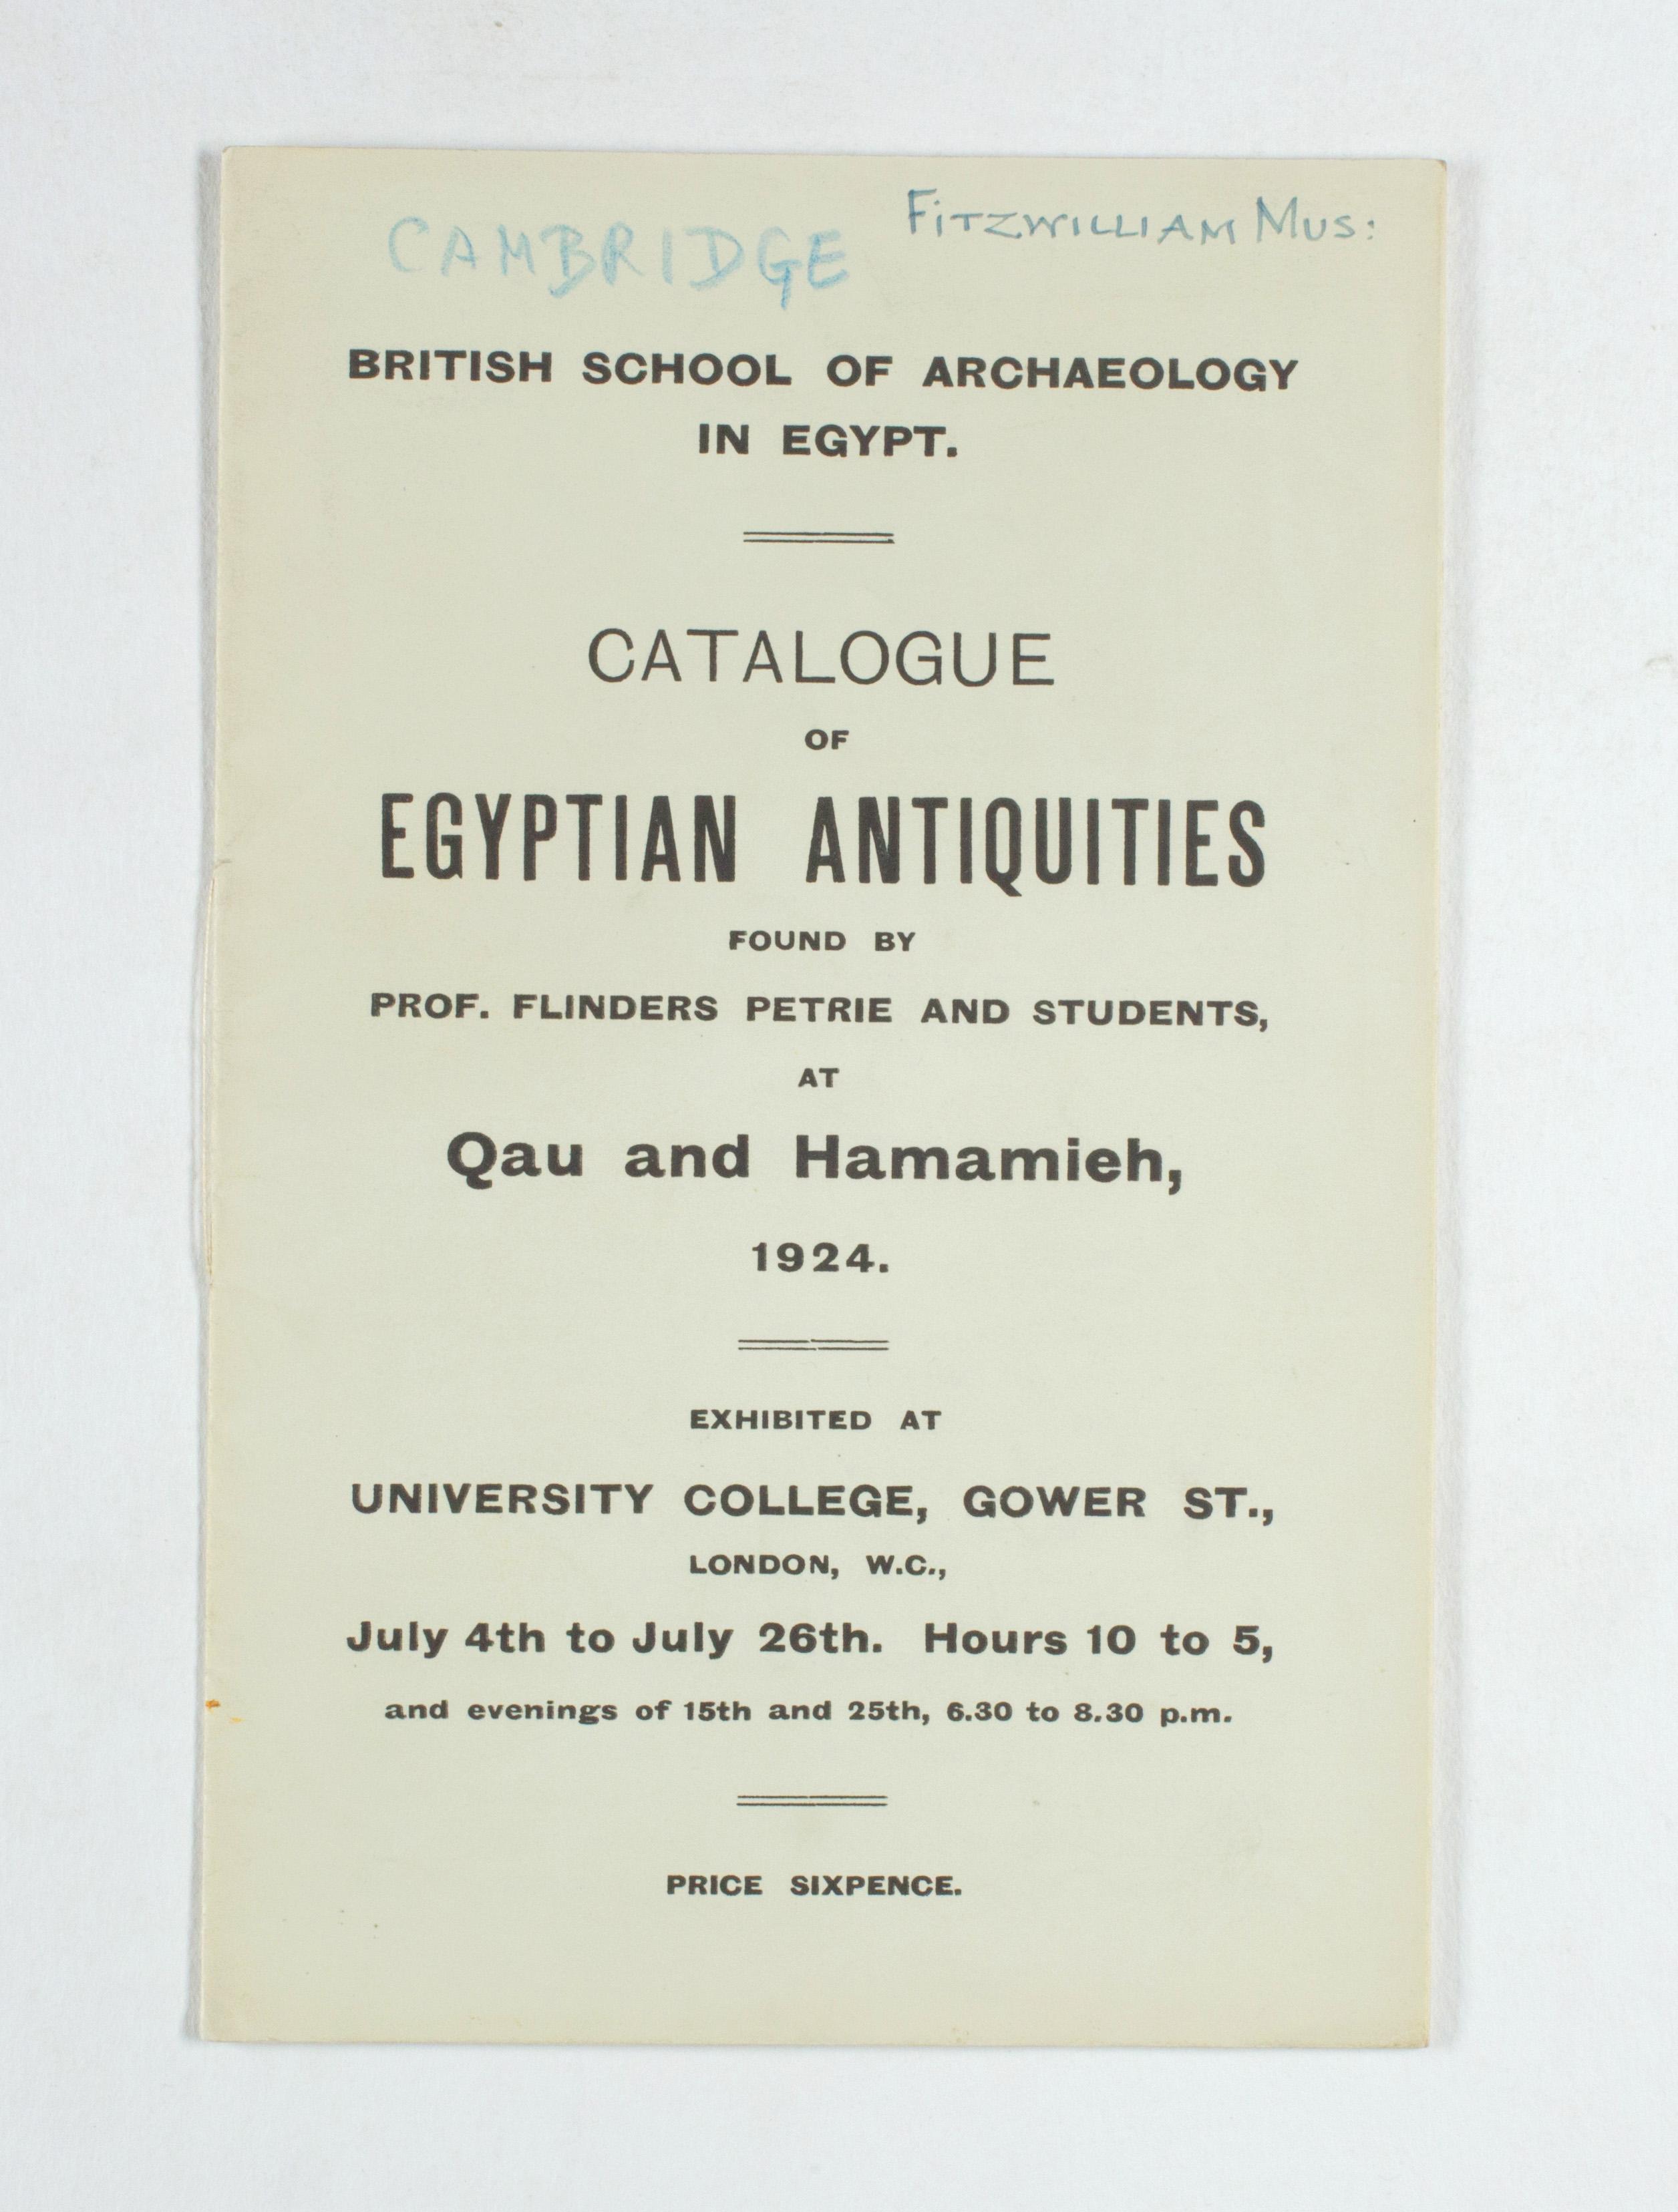 1923-24 Qau el-Kebir, Hemamieh Exhibition catalogue PMA/WFP1/D/27/29.1